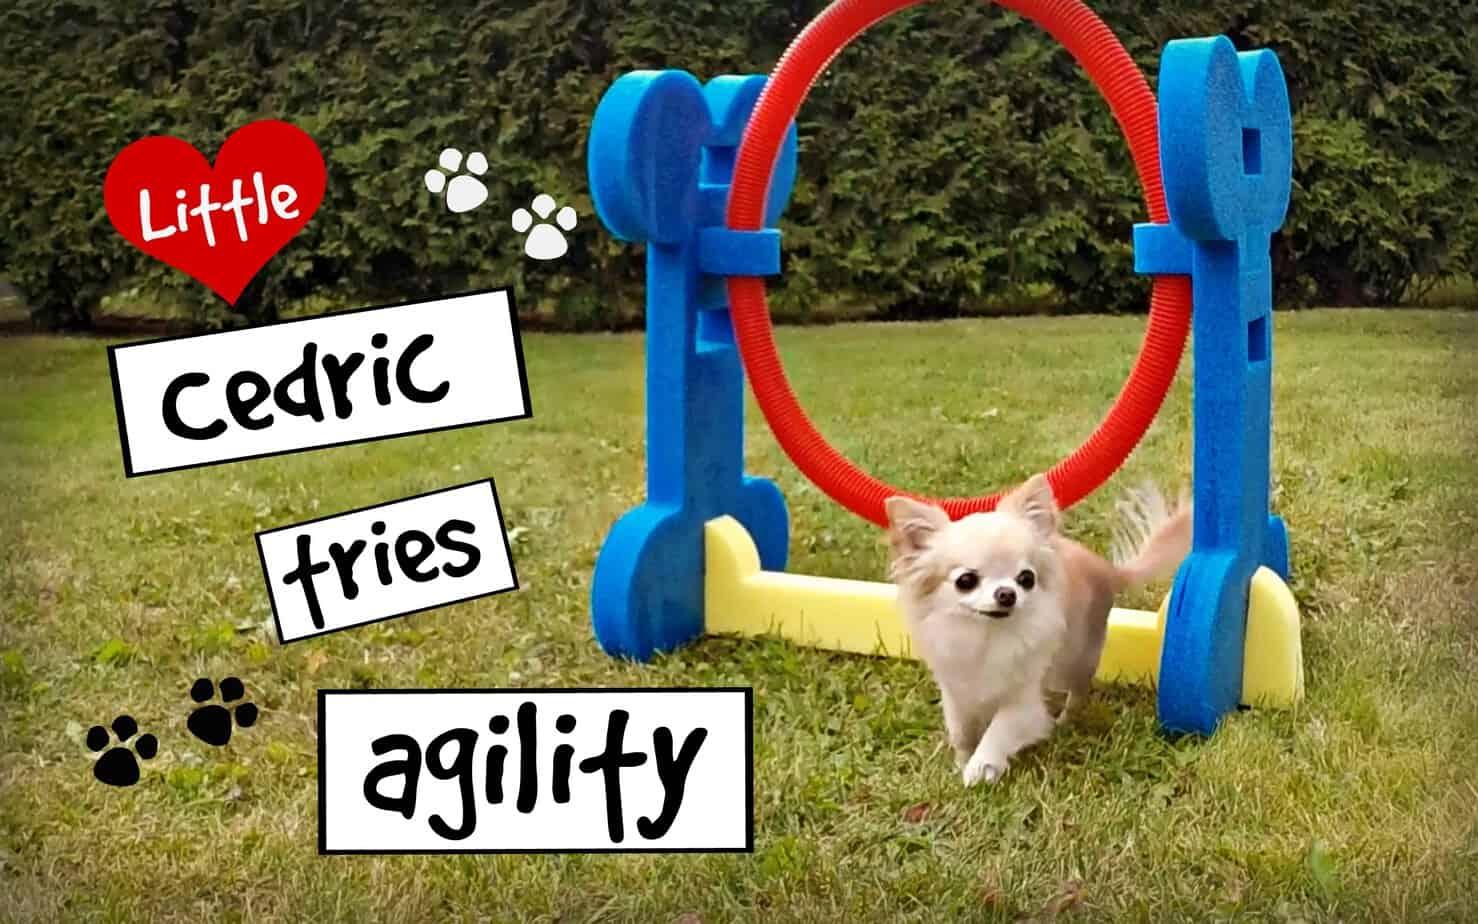 Cedric Does Agility